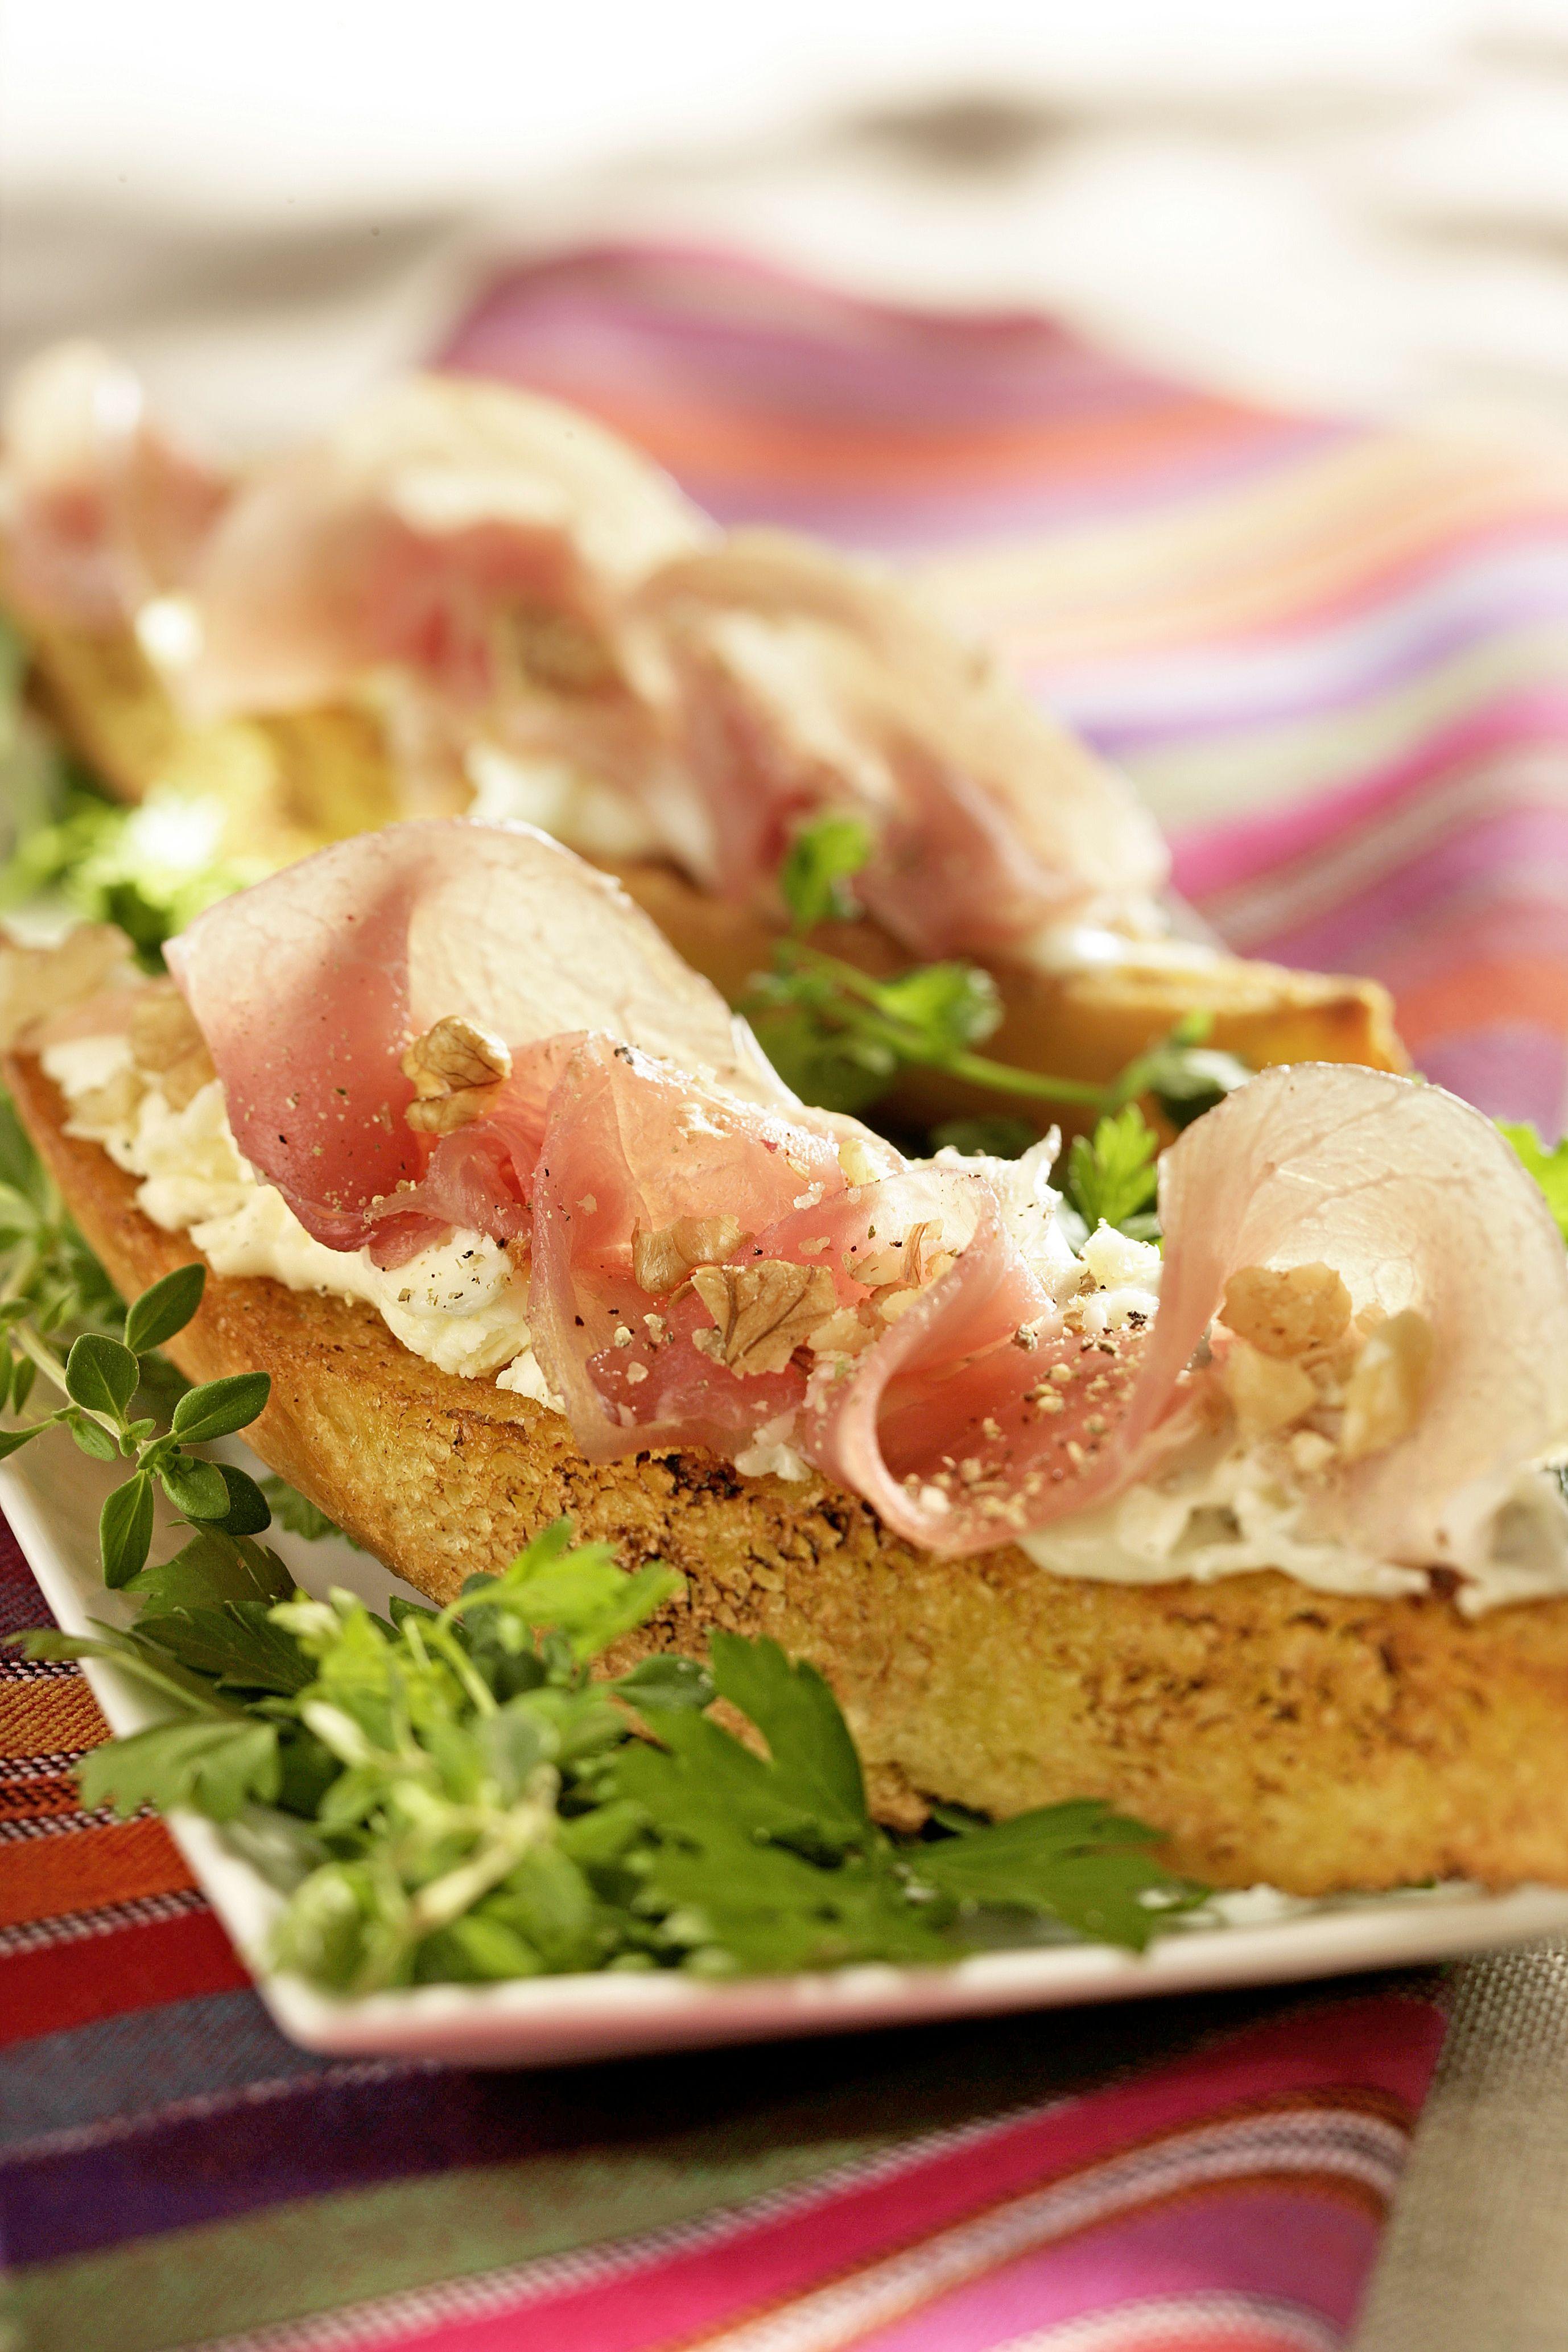 crostini au mascarpone et au jambon de parme cooklook photo recette cuisine et photographies recettes cuisine gourmande